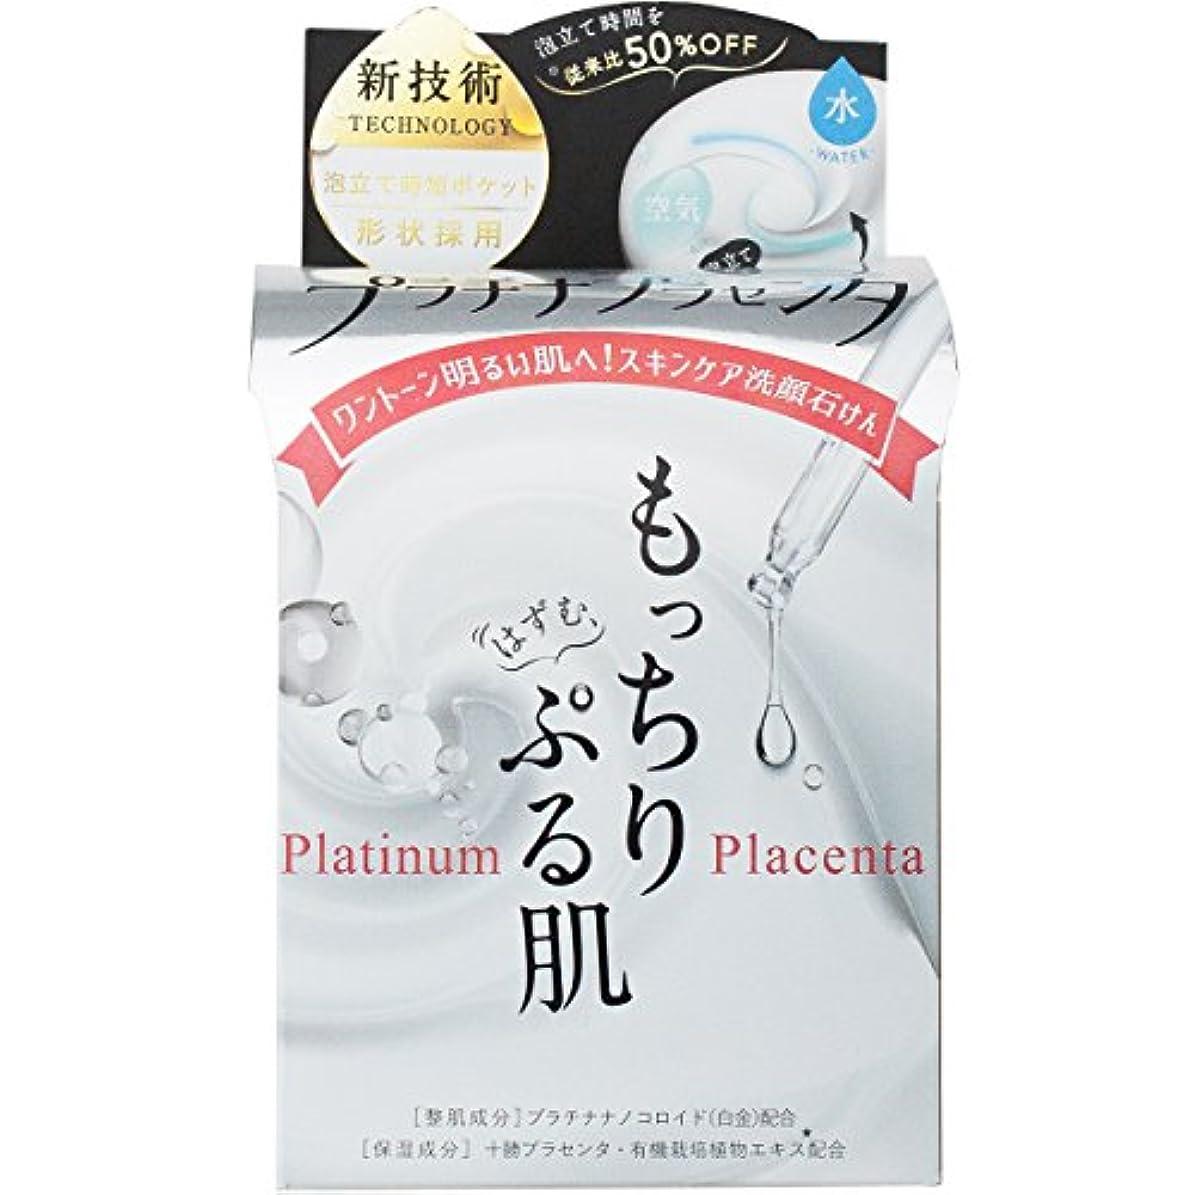 抜け目のない防衛日常的に肌楽プラチナプラセンタ洗顔石鹸 60g